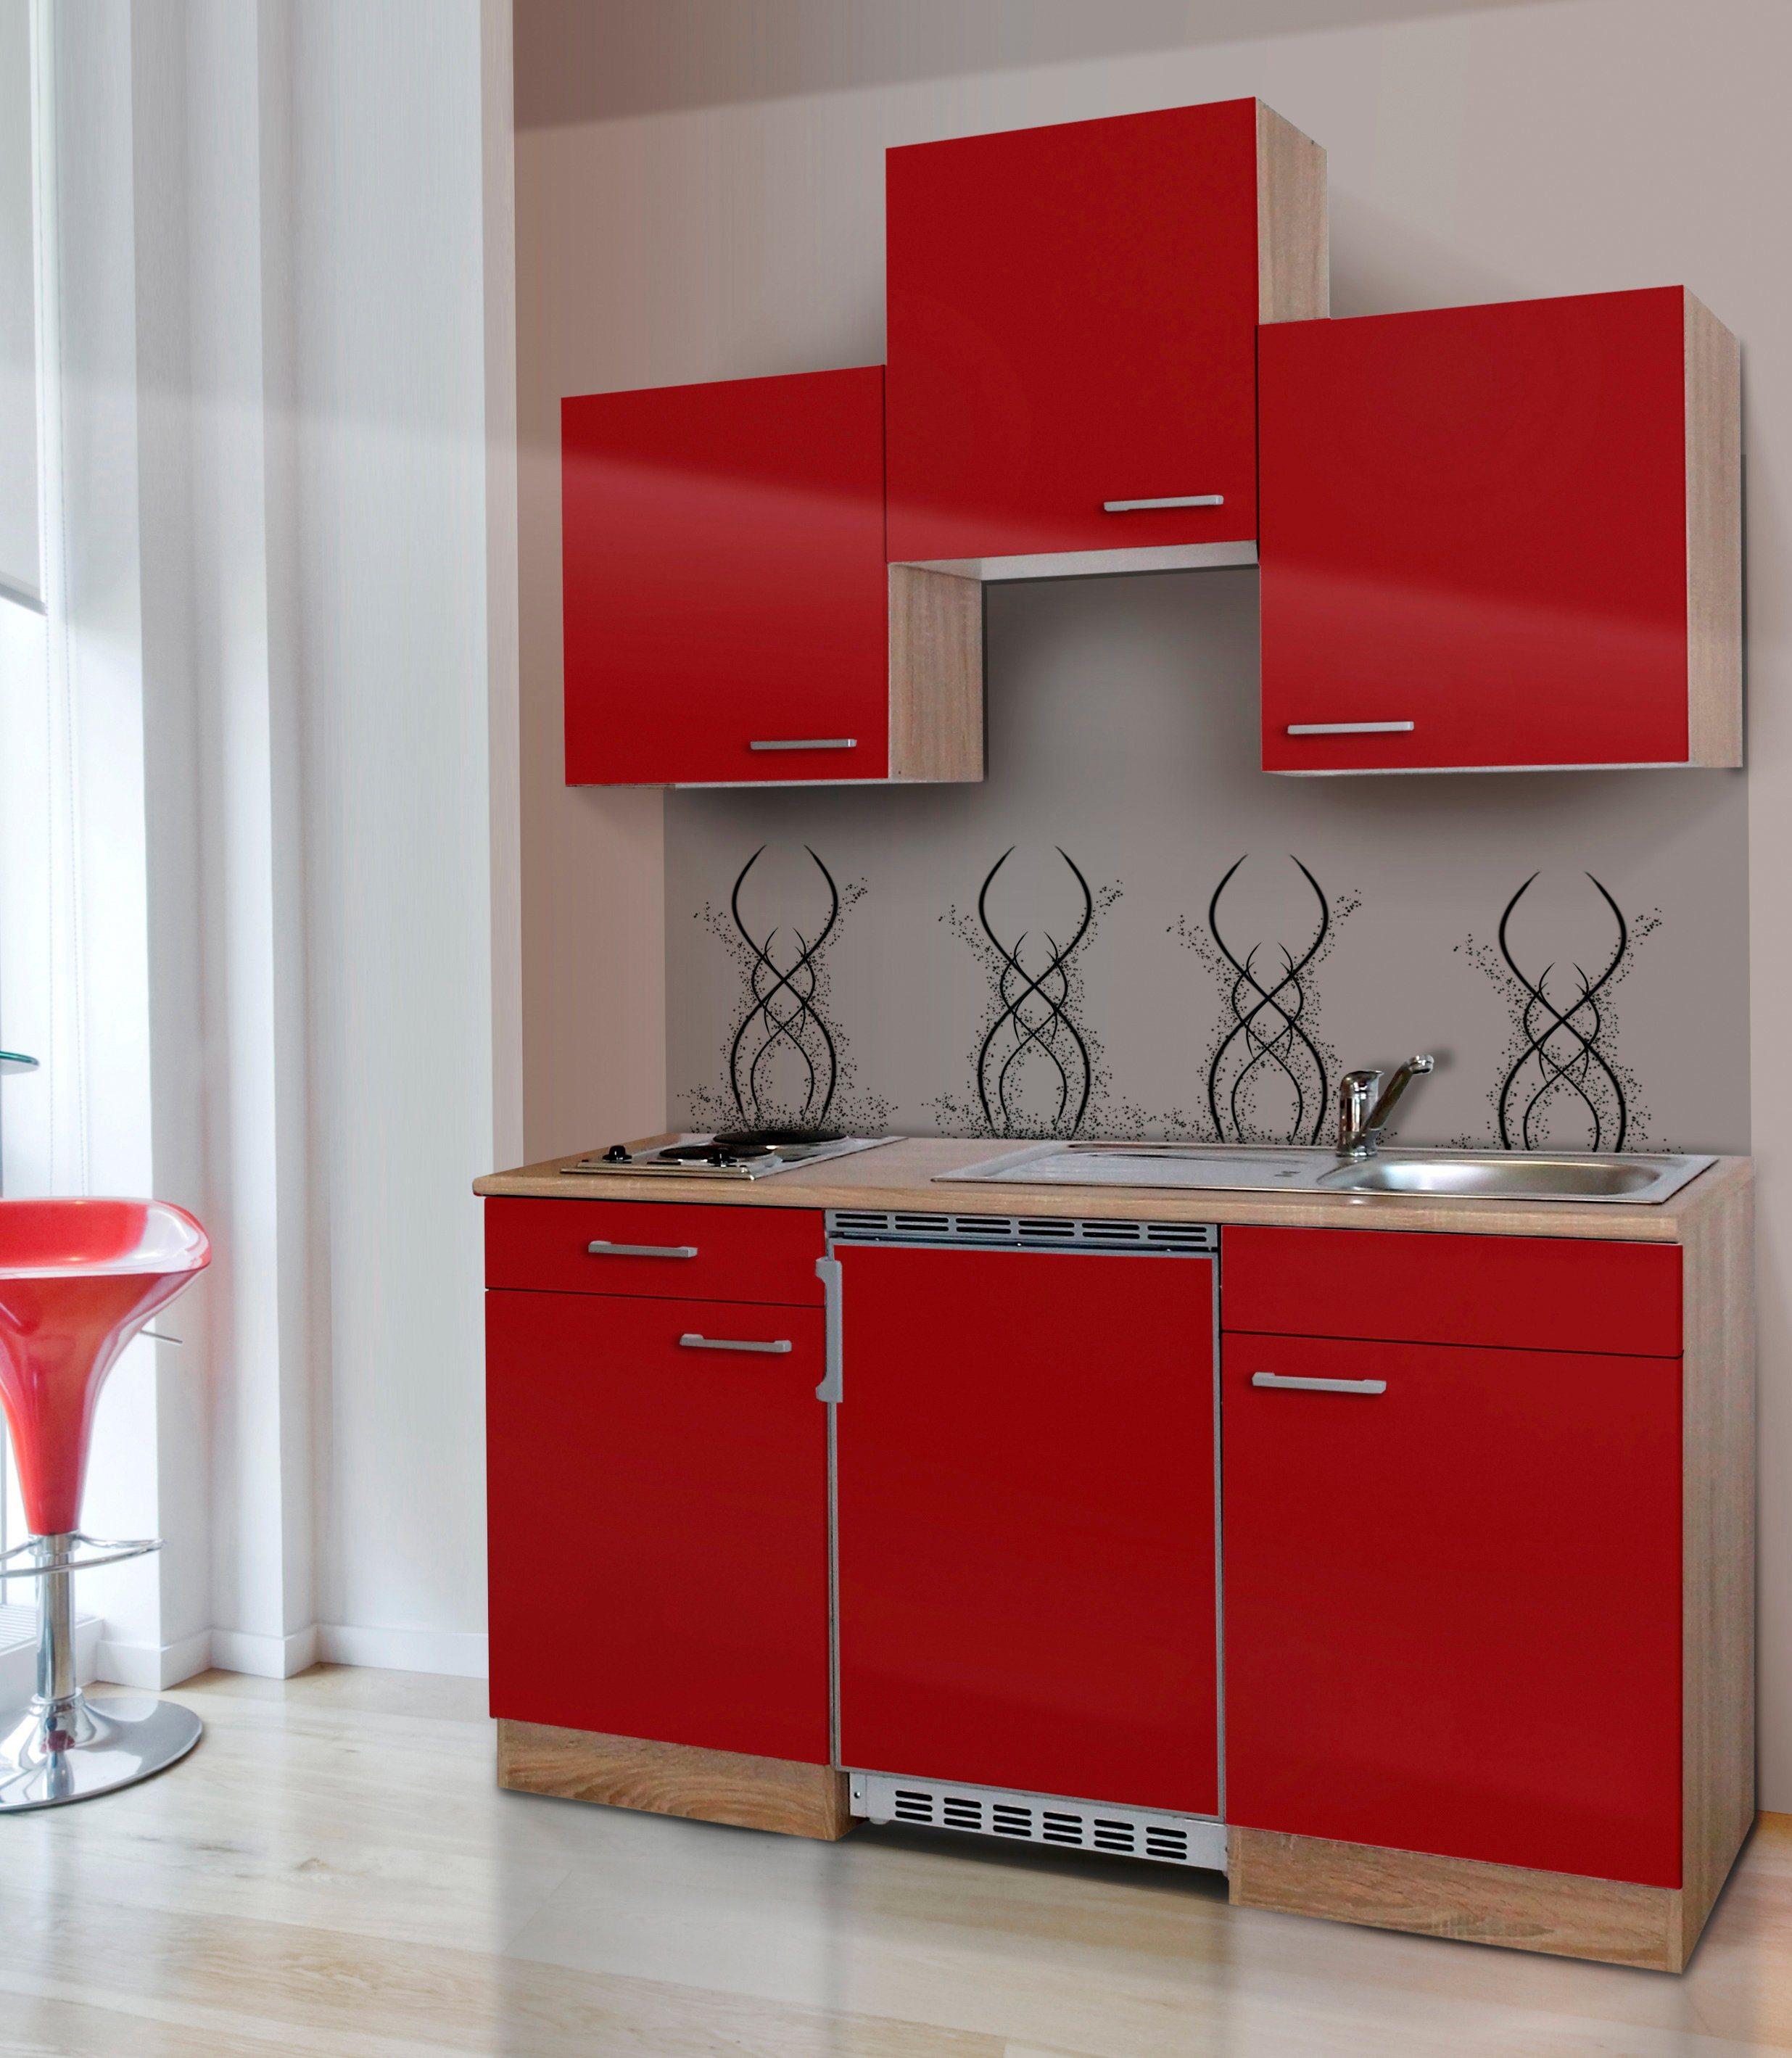 minik chen online kaufen m bel suchmaschine. Black Bedroom Furniture Sets. Home Design Ideas